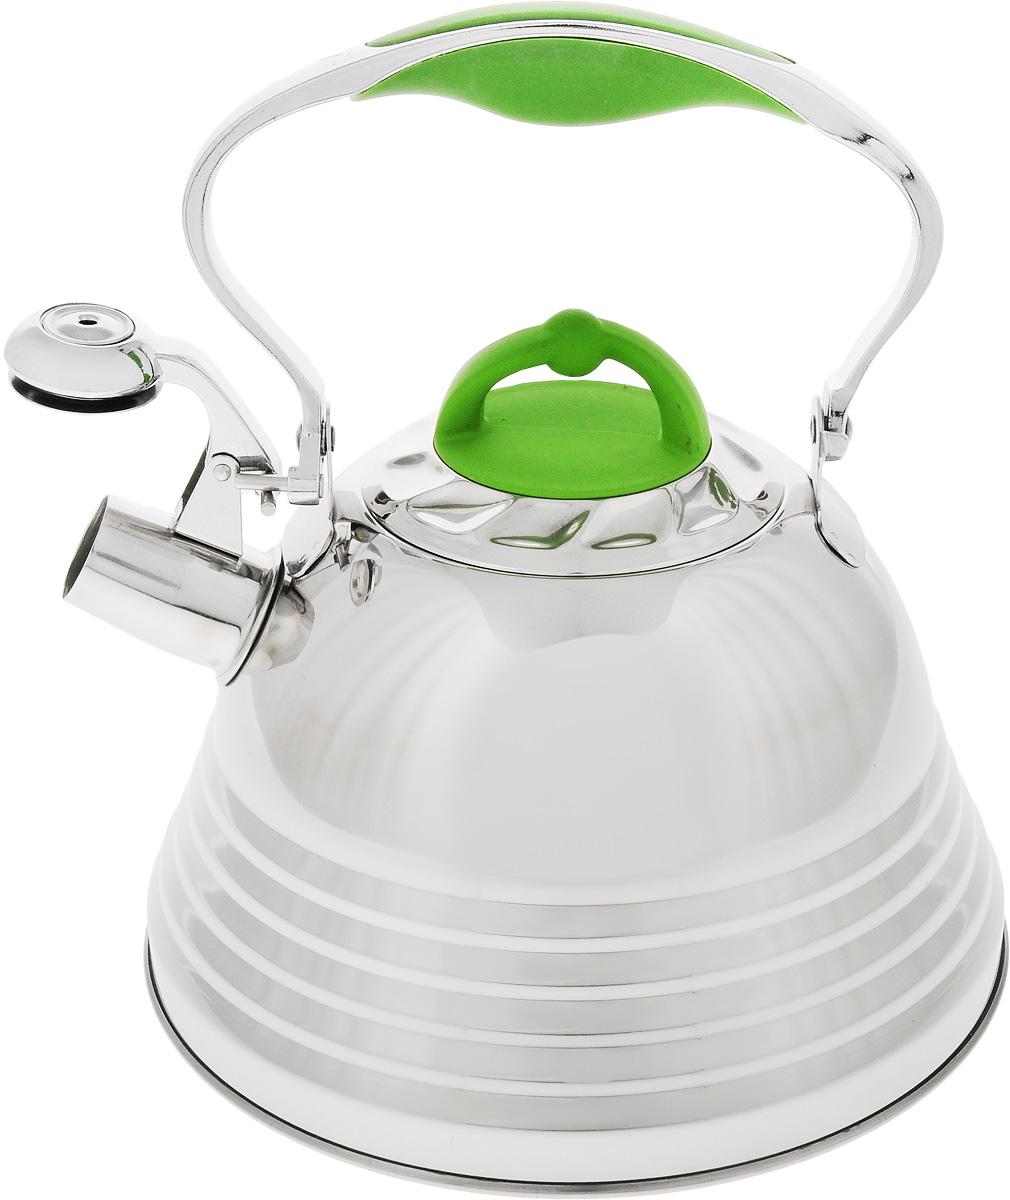 Чайник Mayer & Boch, со свистком, цвет: зеленый, стальной, 3 л. 22785391602Чайник Mayer & Boch выполнен из высококачественной нержавеющей стали, что обеспечивает долговечность использования. Капсулированное дно с прослойкой из алюминия обеспечивает наилучшее распределение тепла. Носик чайника оснащен насадкой-свистком и устройством для его открывания, что позволит вам контролировать процесс подогрева или кипячения воды. Ручка оснащена силиконовой вставкой для предотвращения ожогов на руках.Можно мыть в посудомоечной машине. Подходит для всех типов плит, включая индукционные.Диаметр (по верхнему краю): 10 см. Высота чайника (без учета крышки и ручки): 13 см.